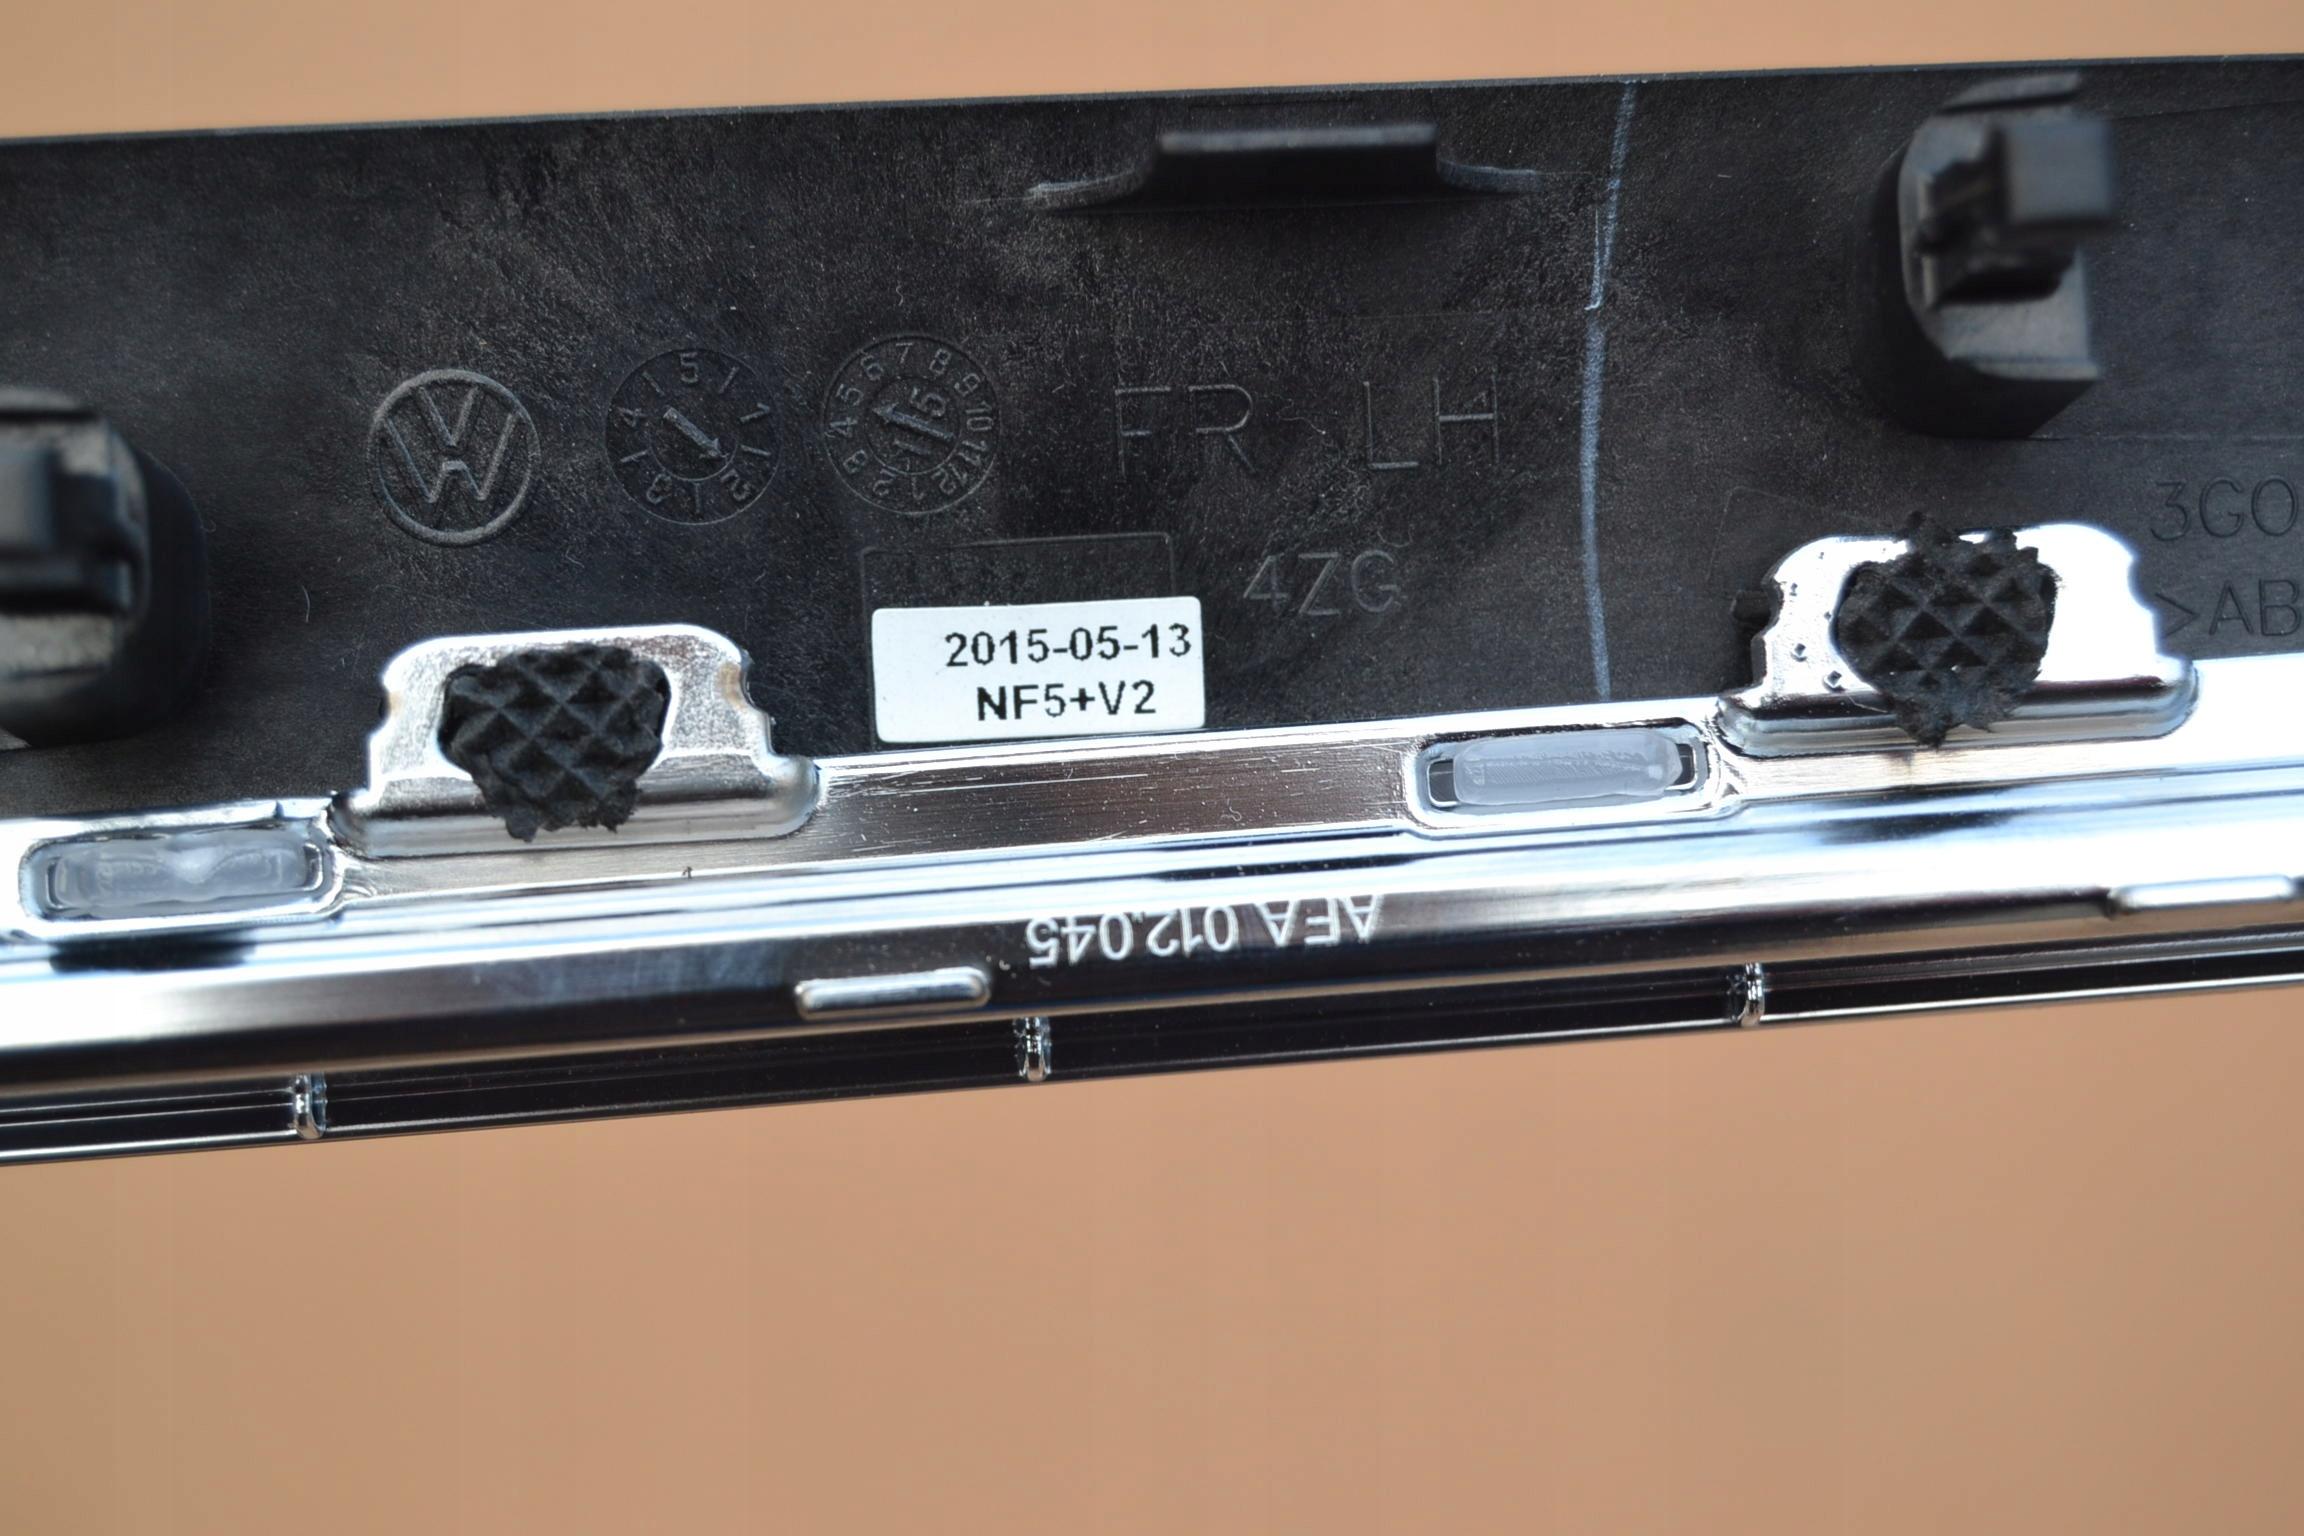 Vw Passat B8 Ambiente Listwy Led Dekory Nf5 7712344978